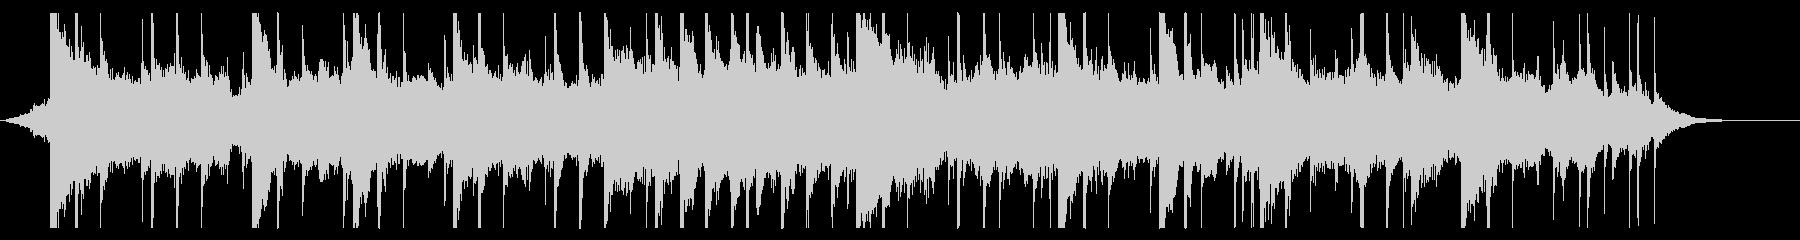 エンディングに_メロウなピアノPopsの未再生の波形